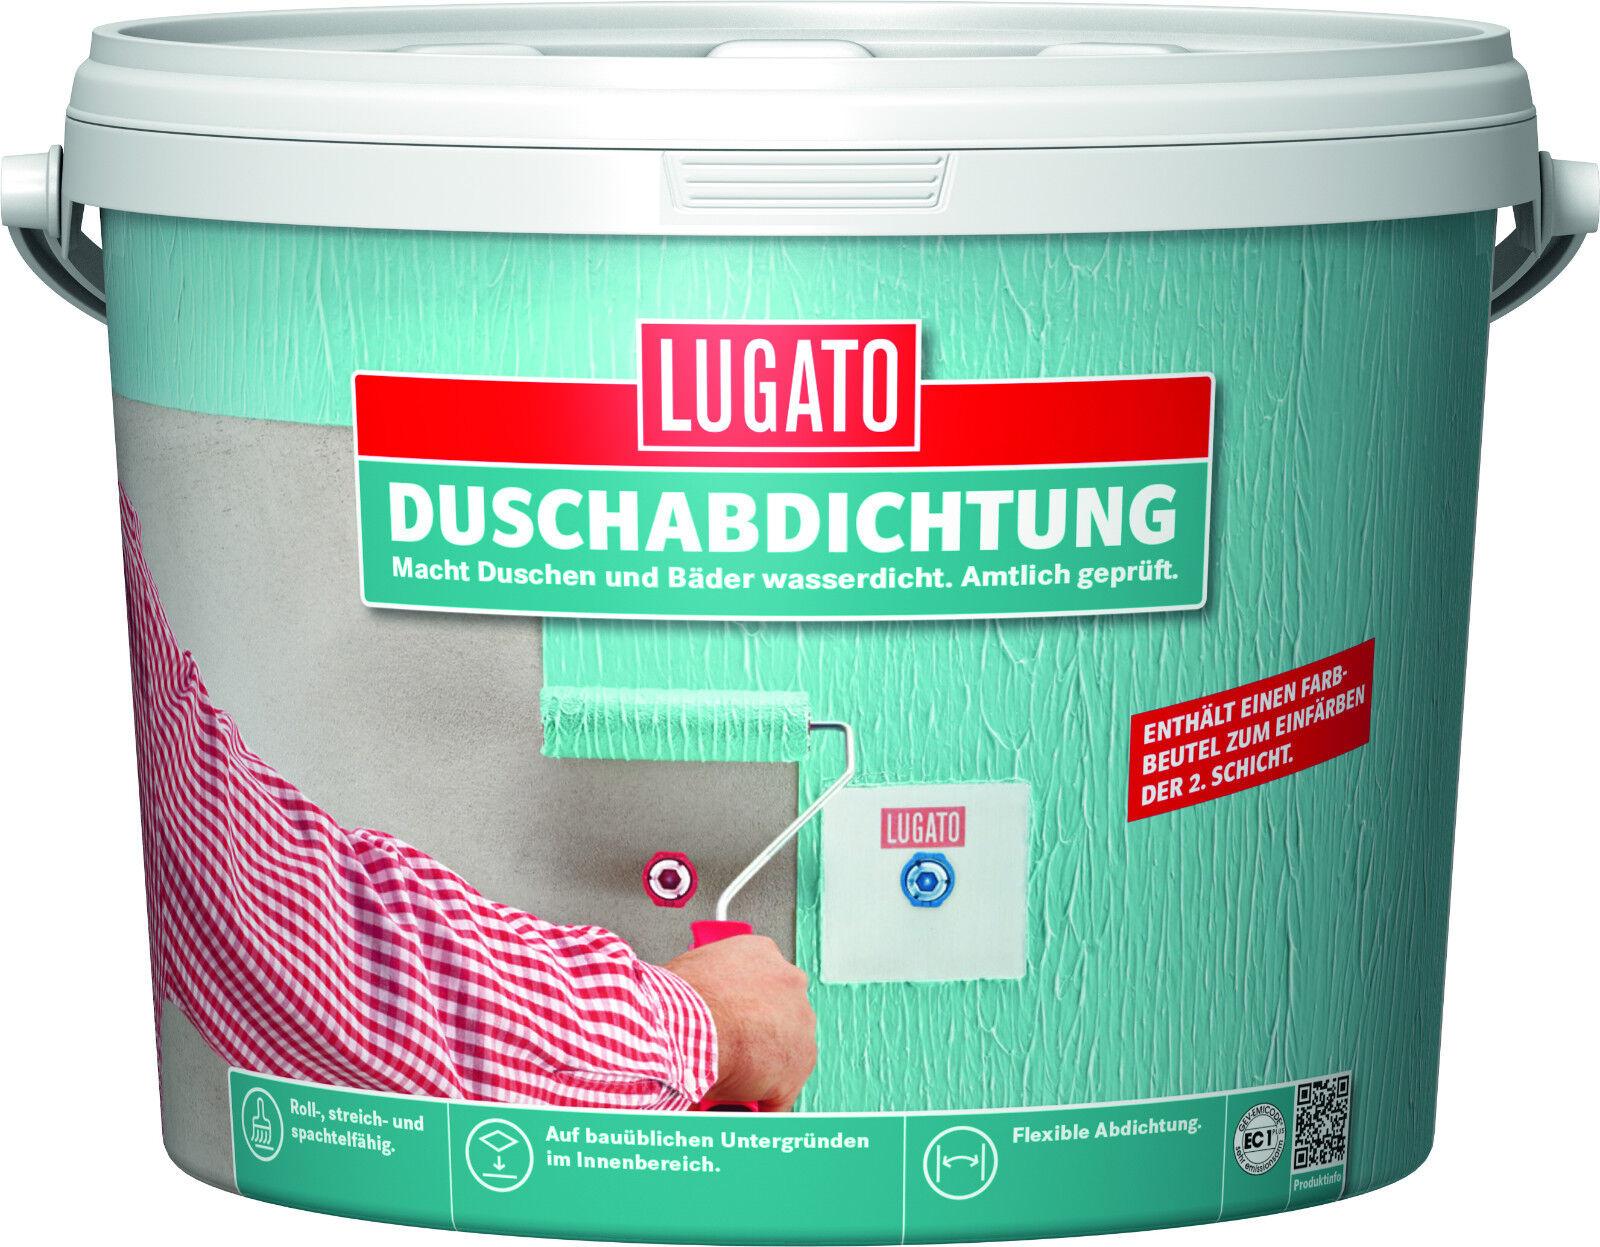 Lugato Duschabdichtung mintgrün 15 kg